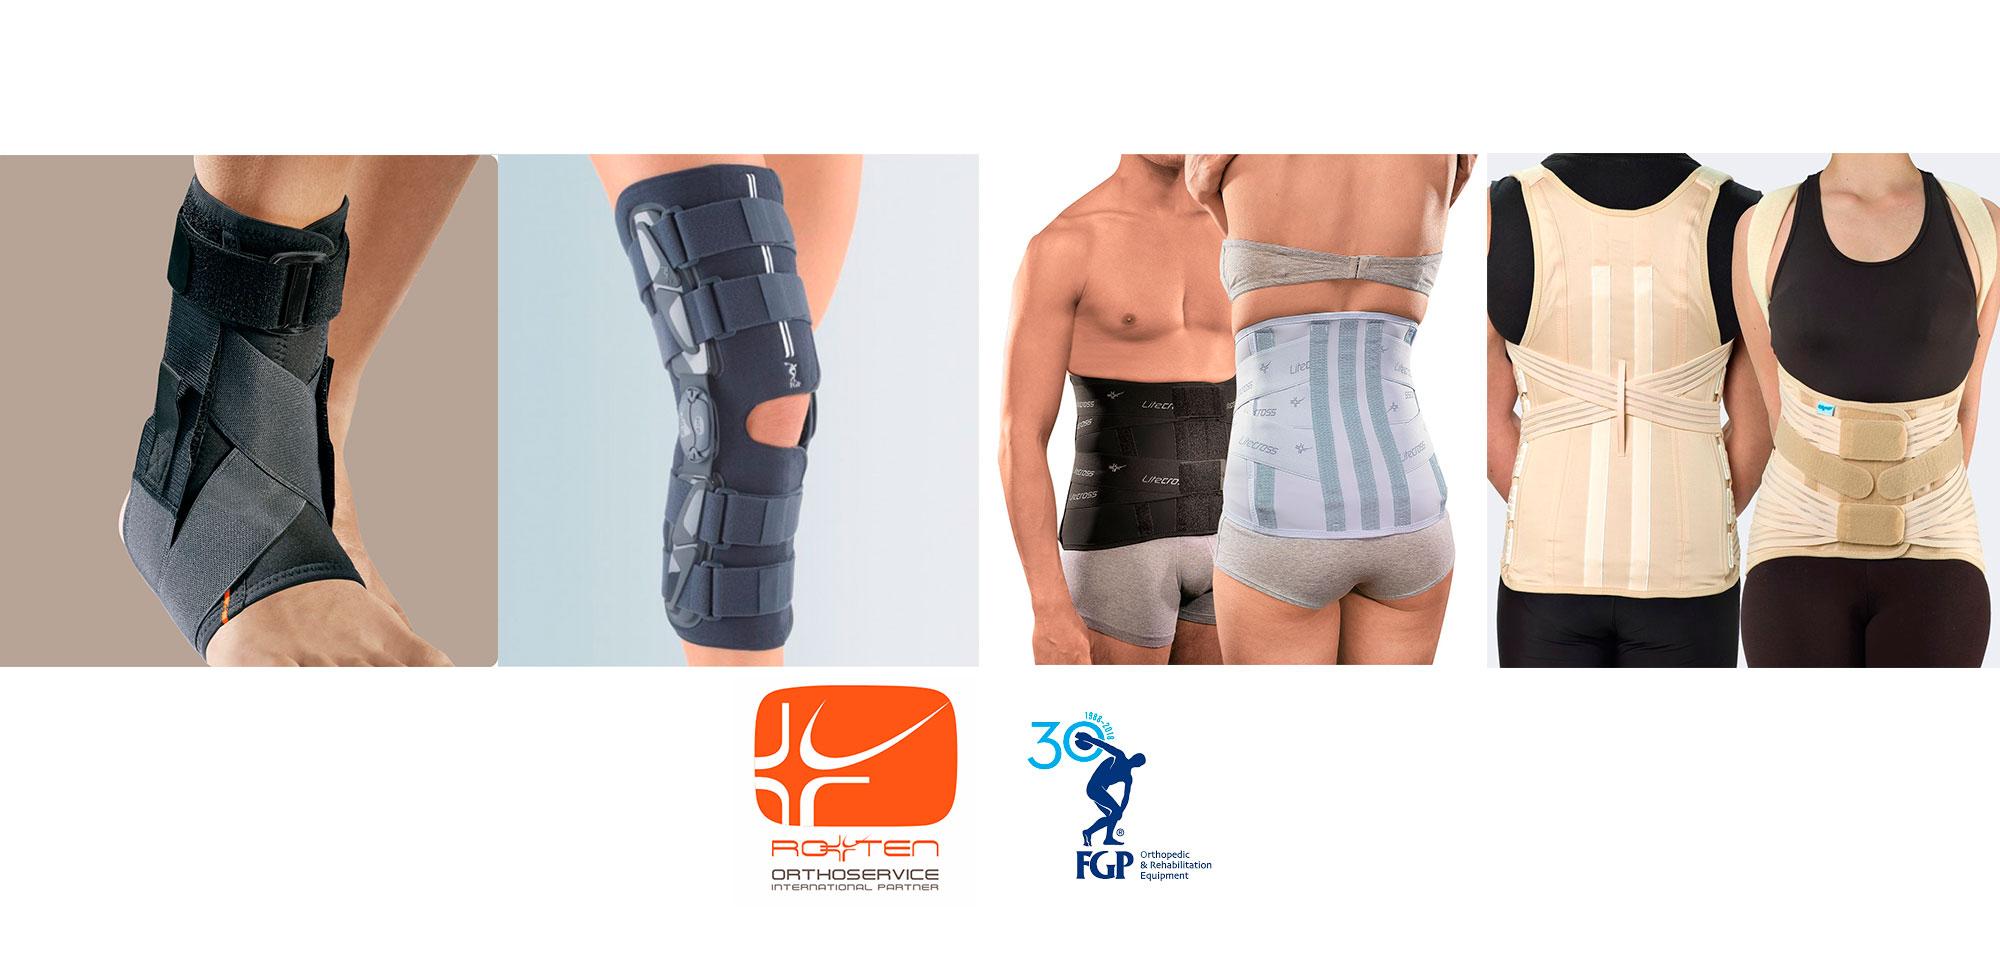 supporti ortopedici per tronco e gambe disponibili da Sanisfera